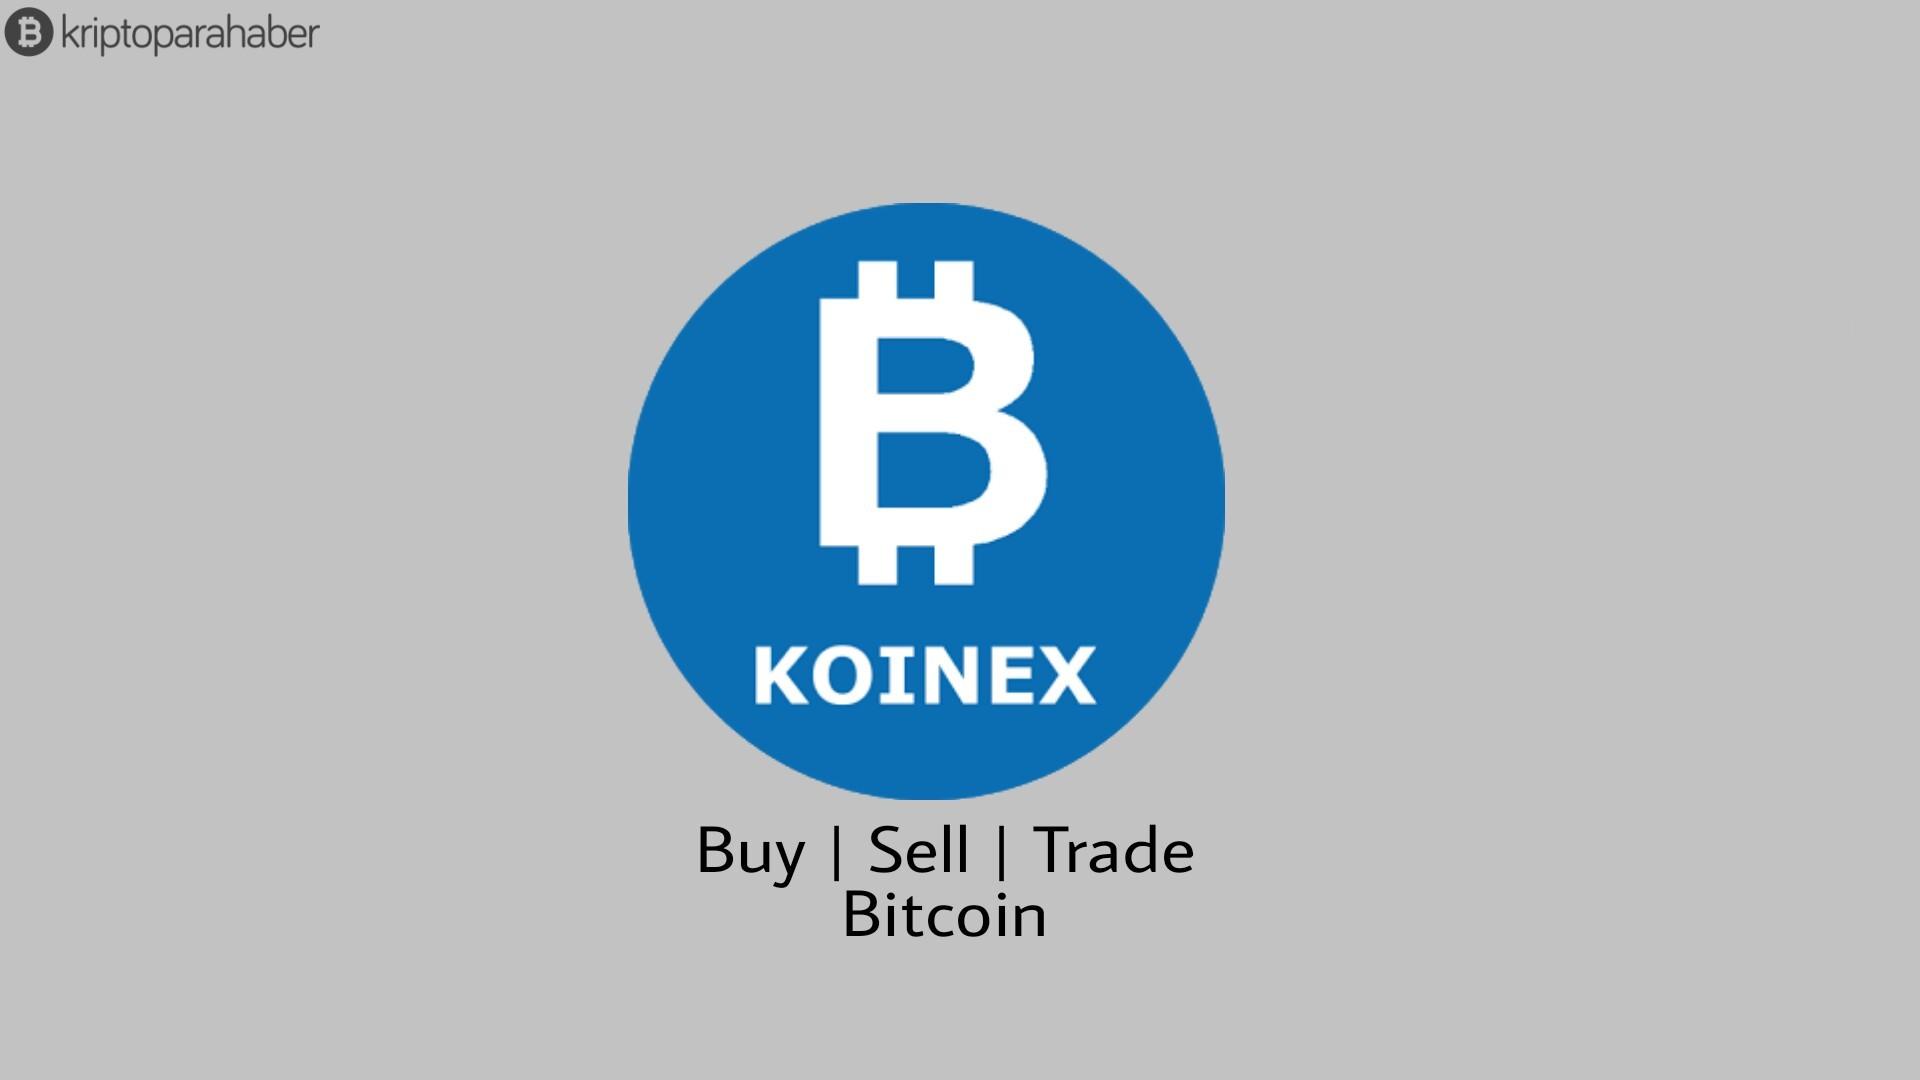 Koinex borsasında ticari işlem ücretleri yüksek